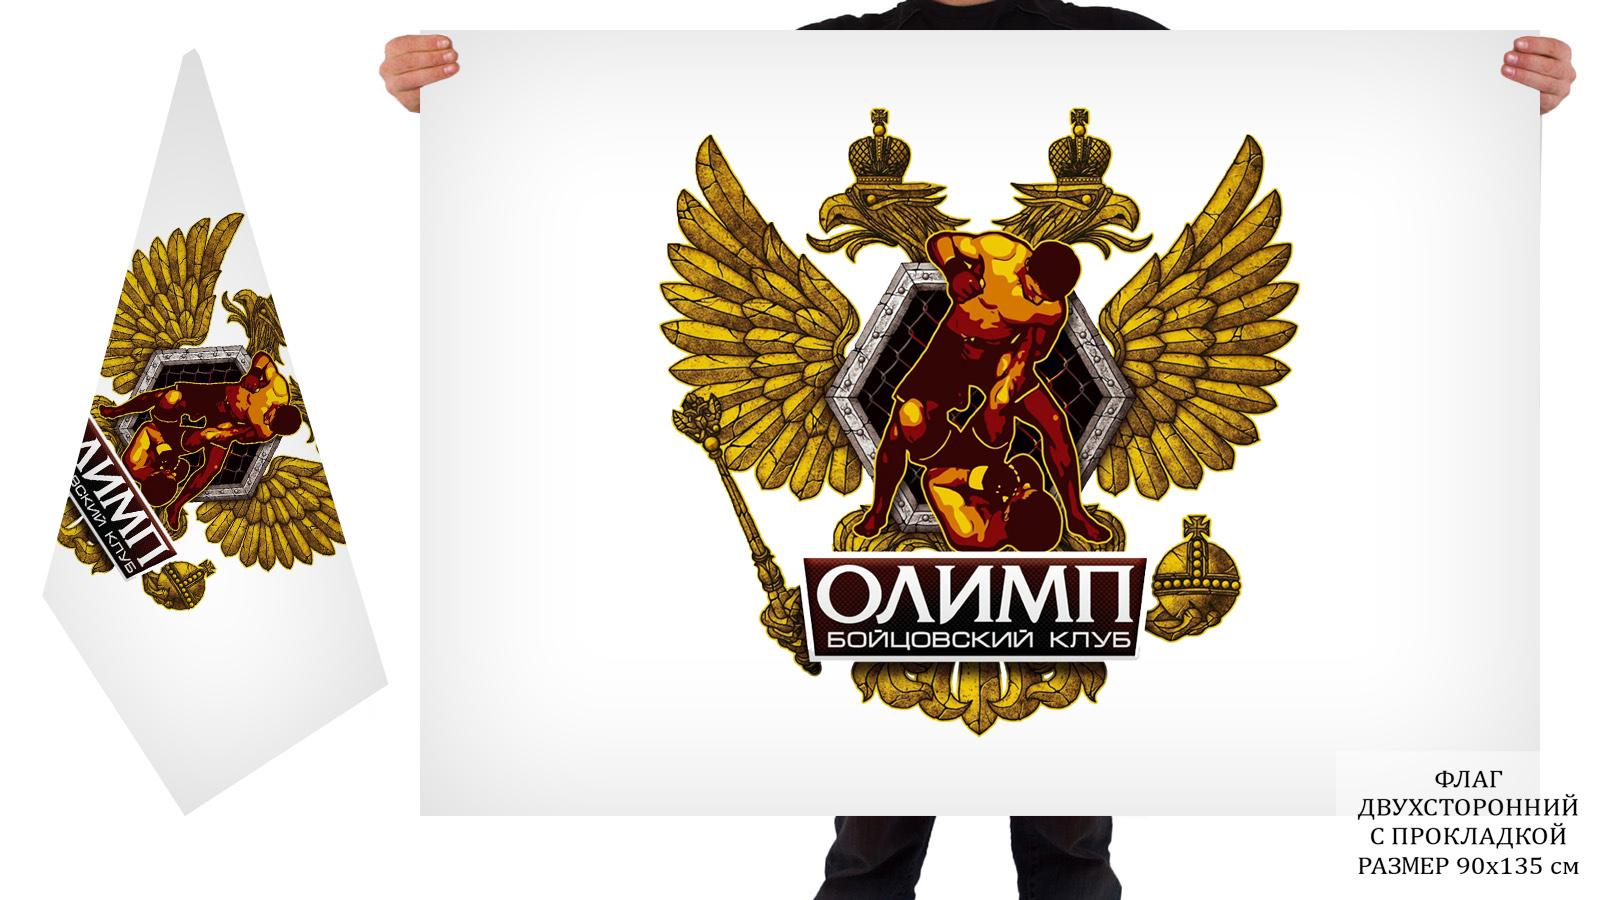 """Двусторонний флаг бойцовского клуба """"Олимп"""""""